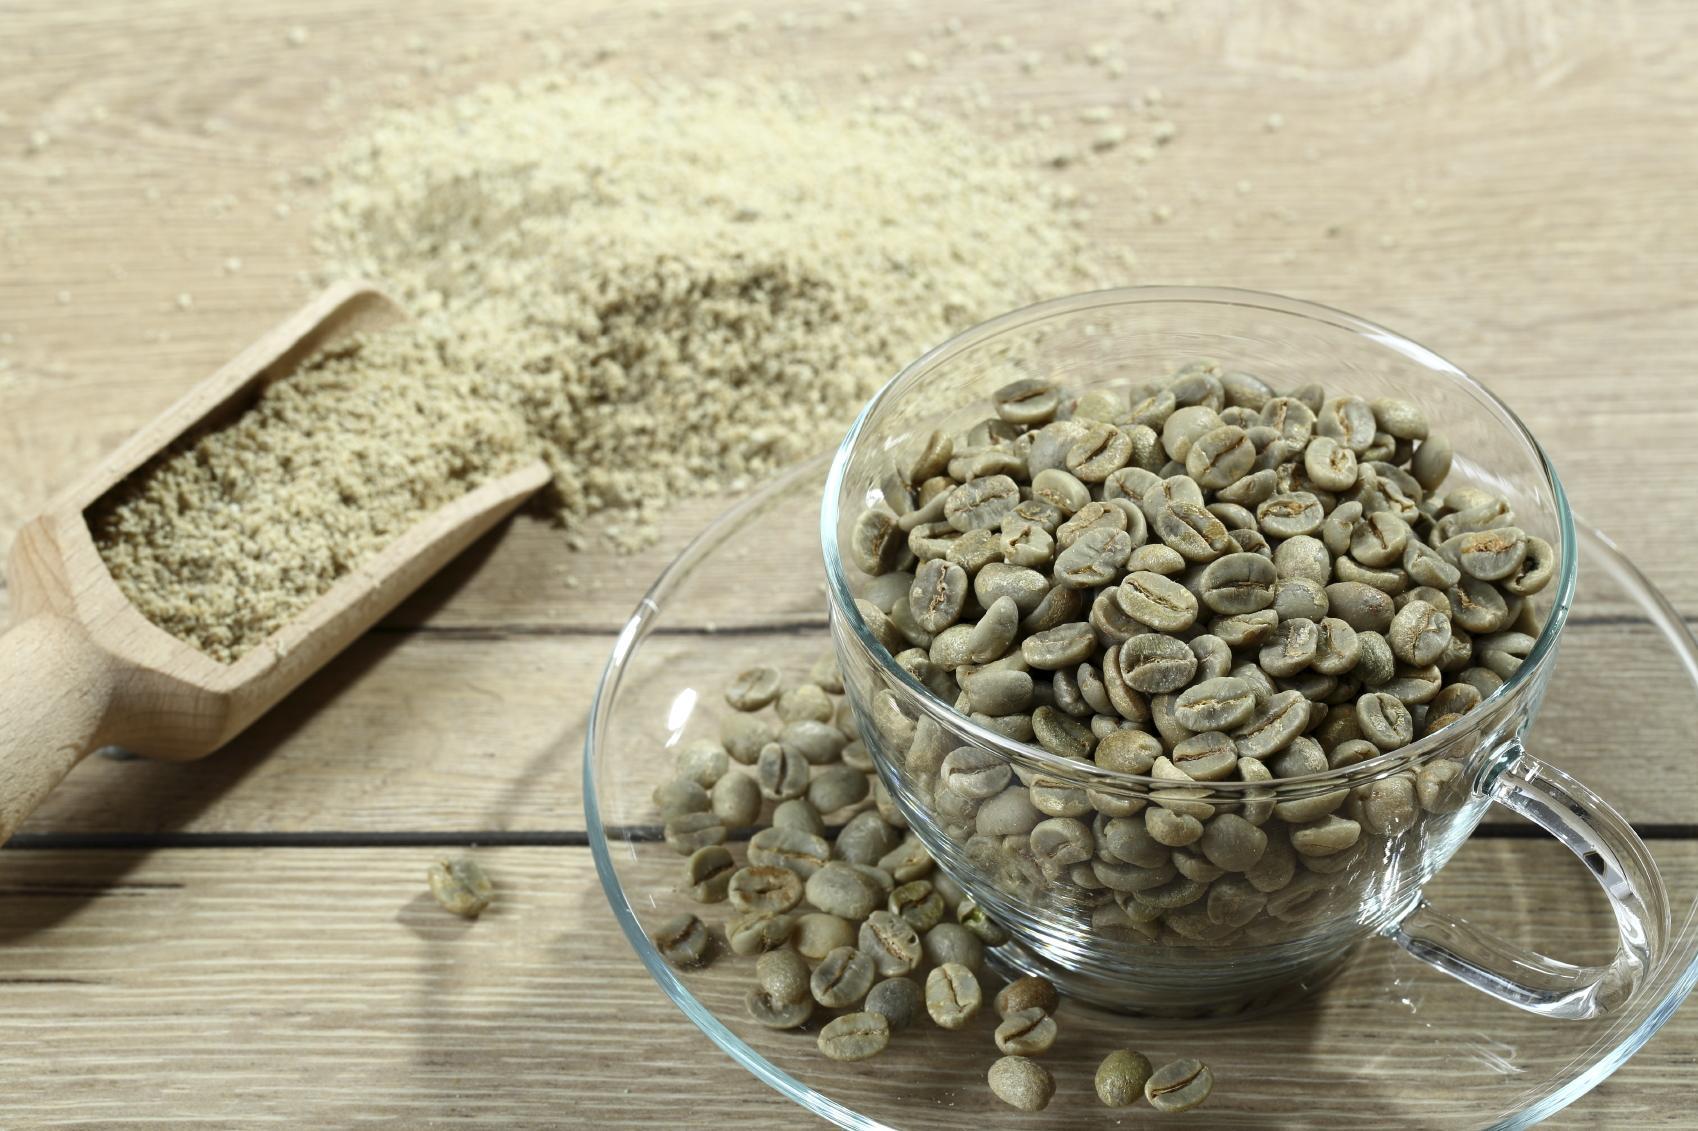 Похудения От Зеленого Кофе. Как похудеть на зеленом кофе?